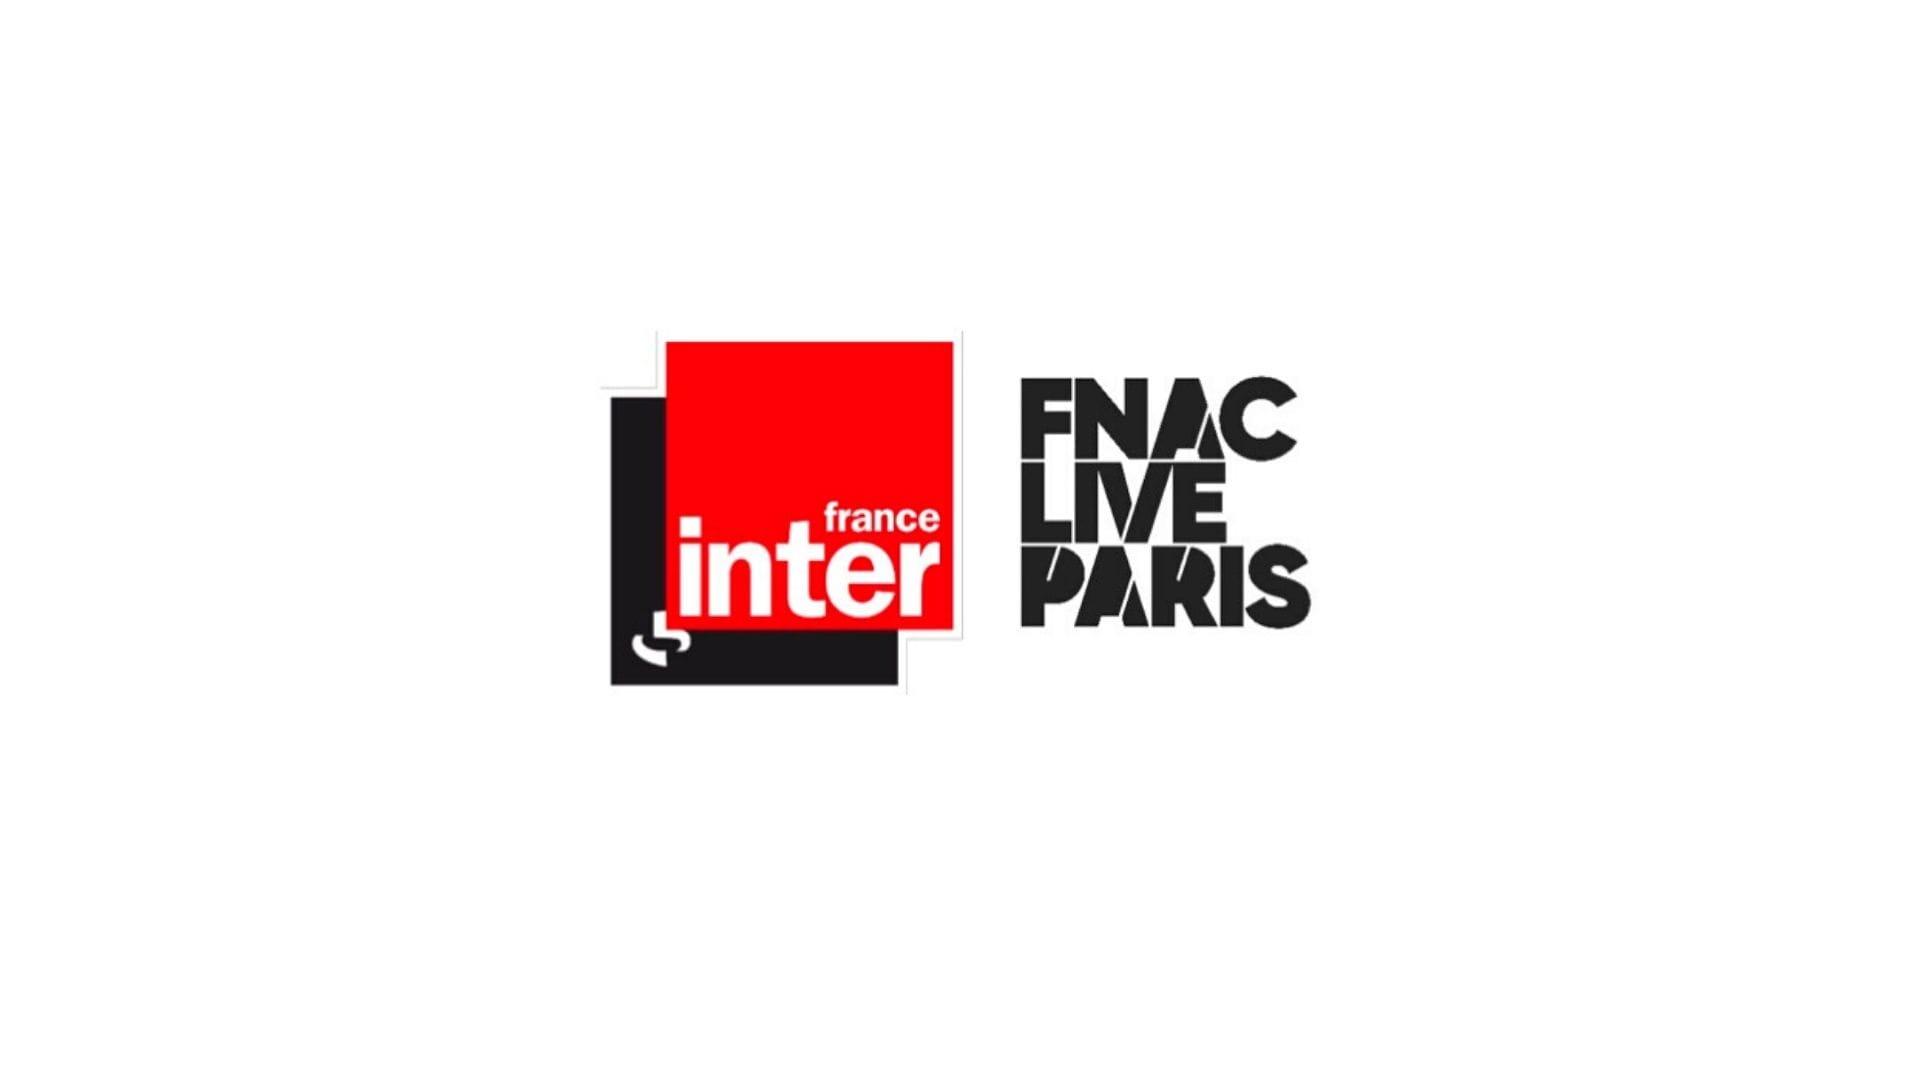 Fnac Live Paris sur France Inter visuel